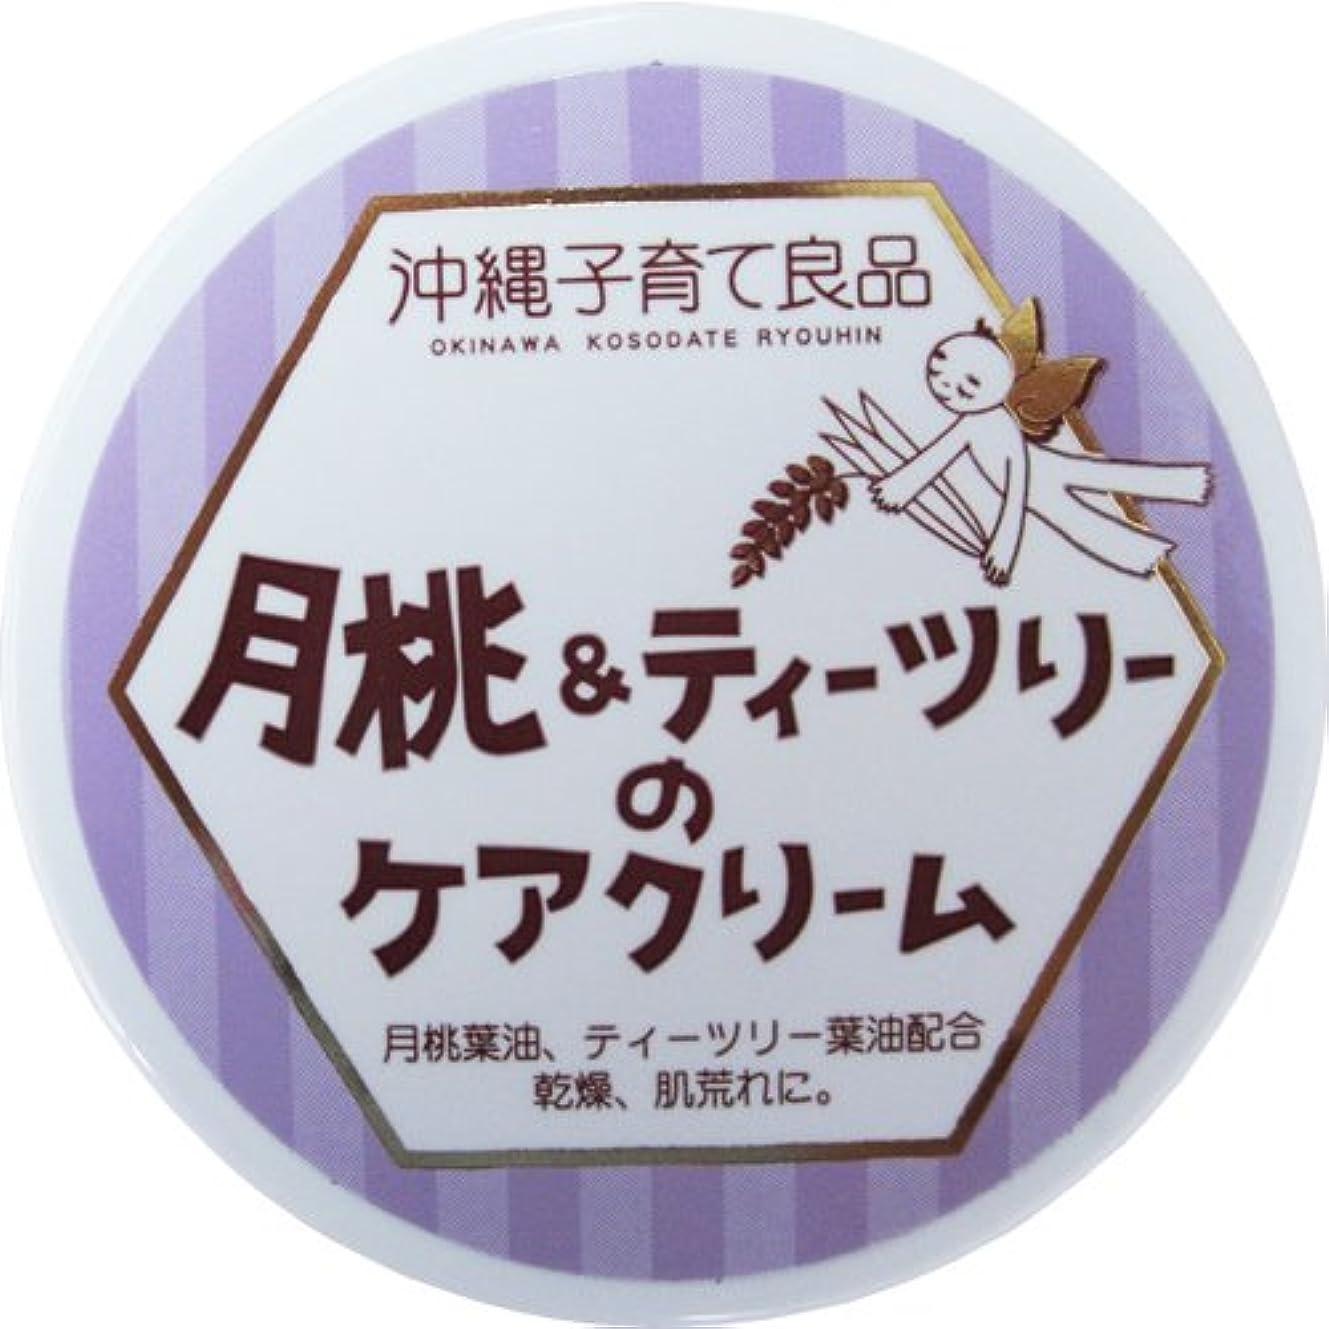 無数の第二配置沖縄子育て良品 月桃&ティツリーのケアクリーム (25g)